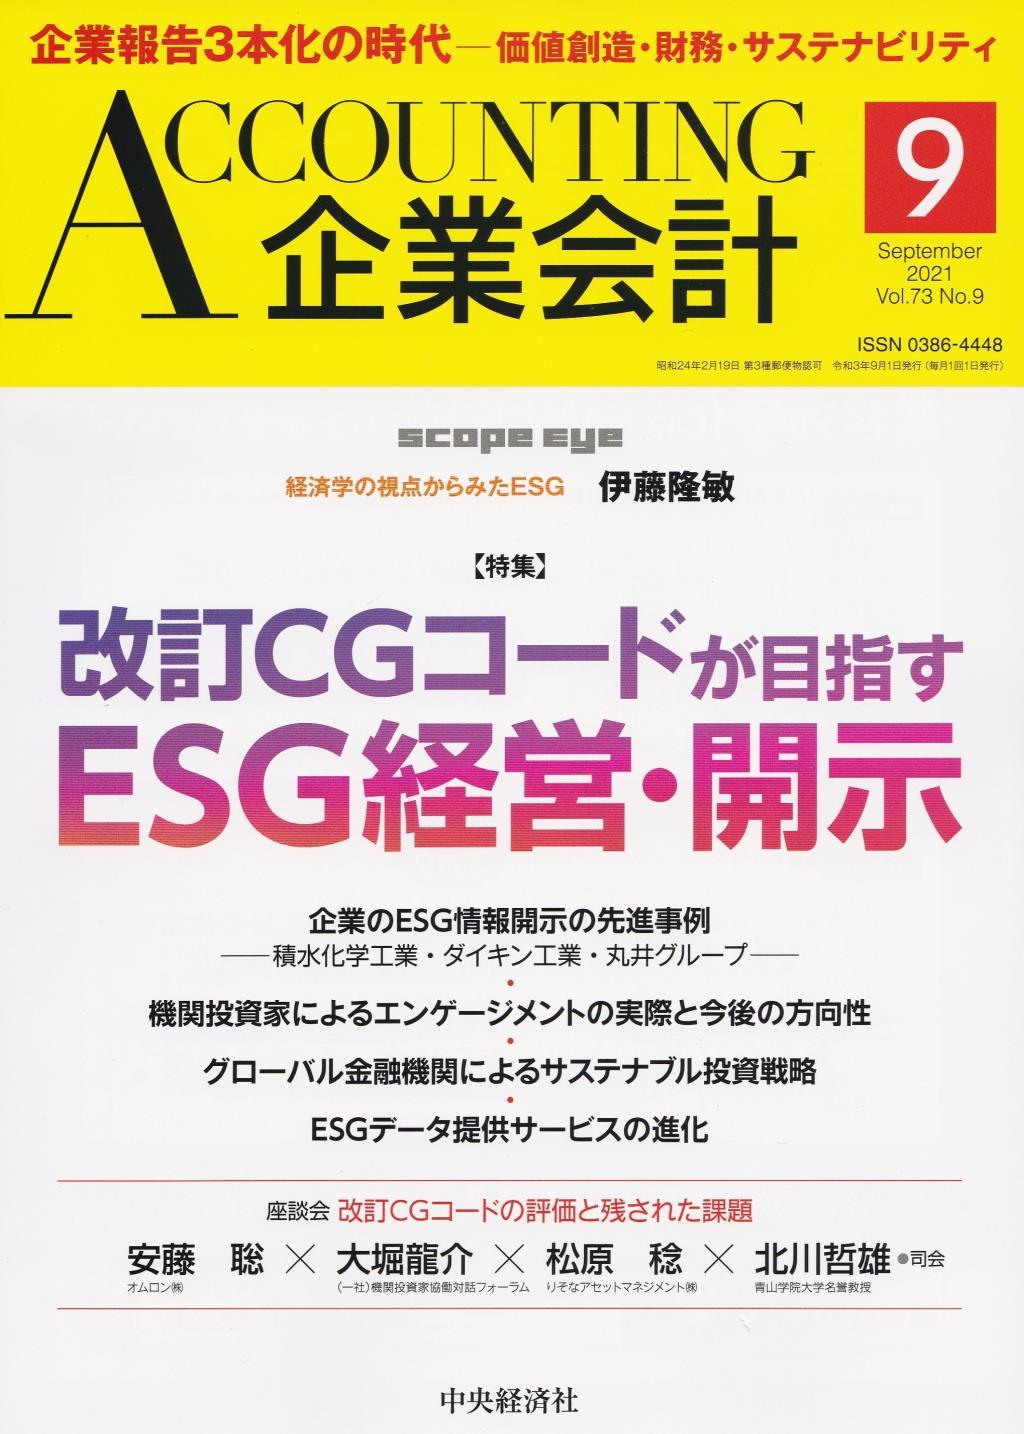 企業会計9月号 2021/Vol.73/No.9